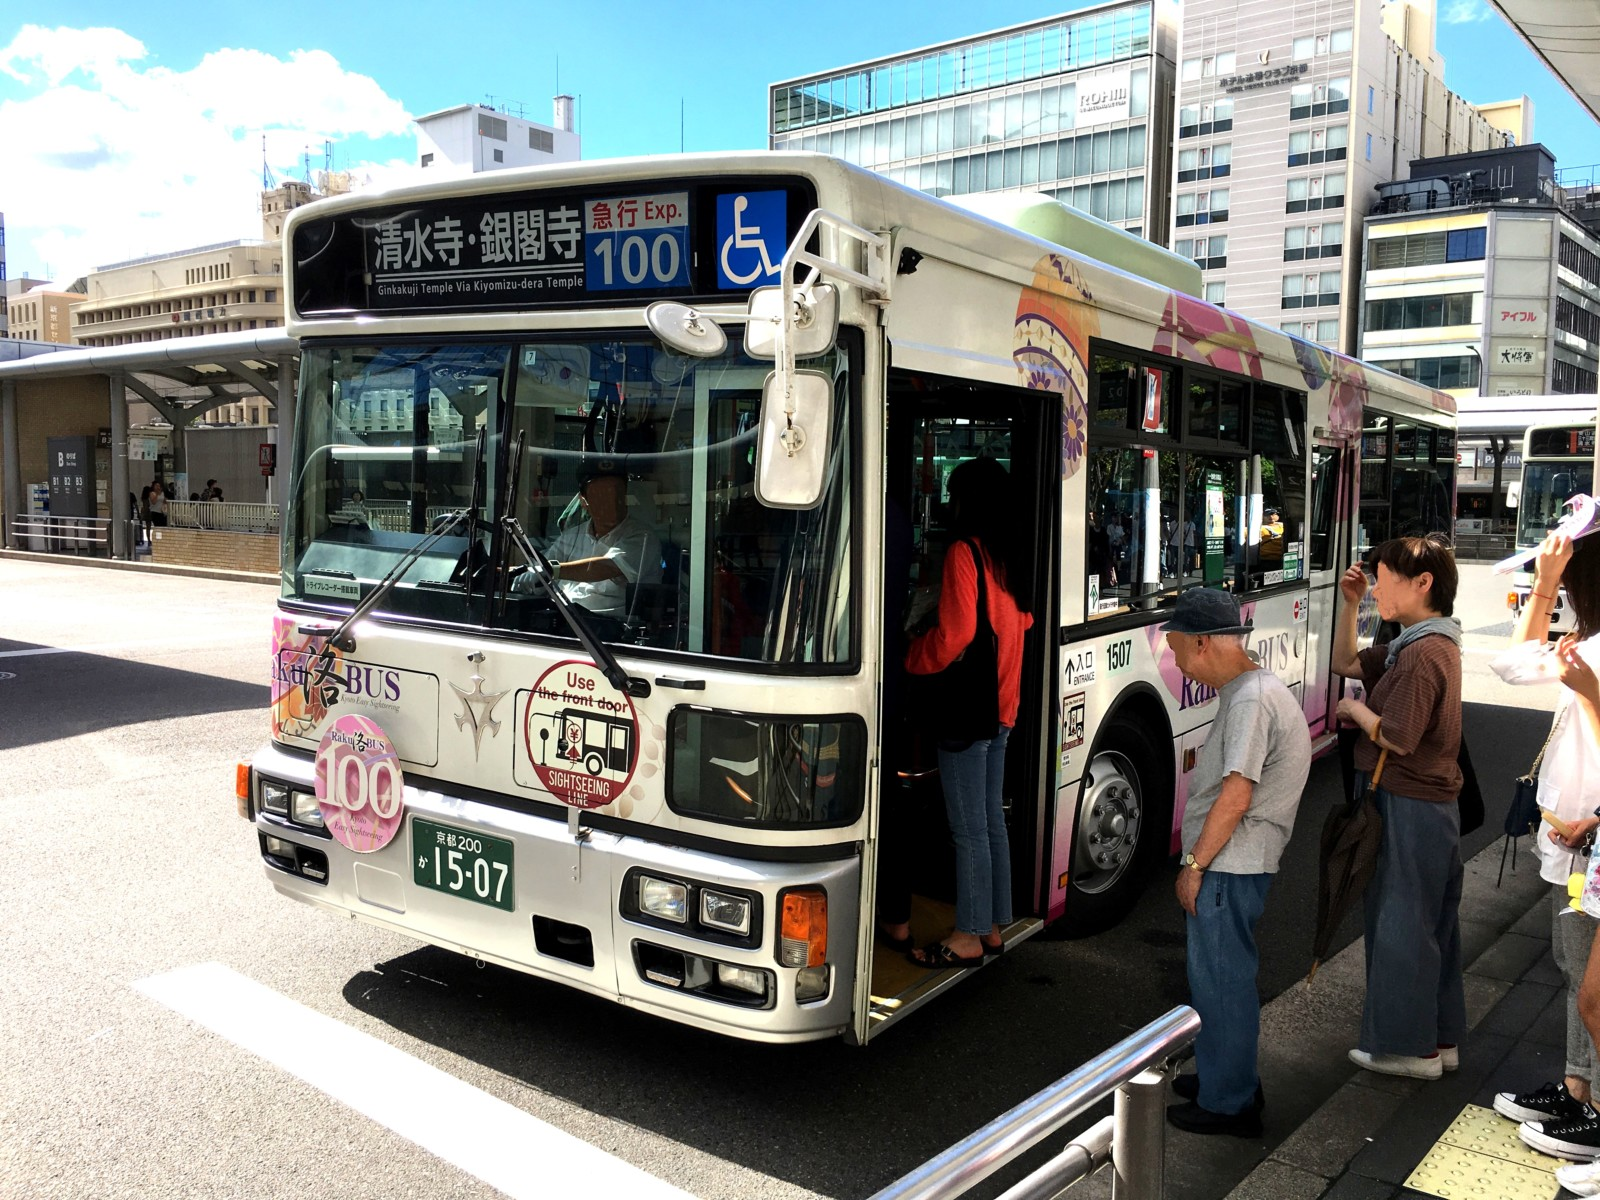 京都市バス「急行100号系統」